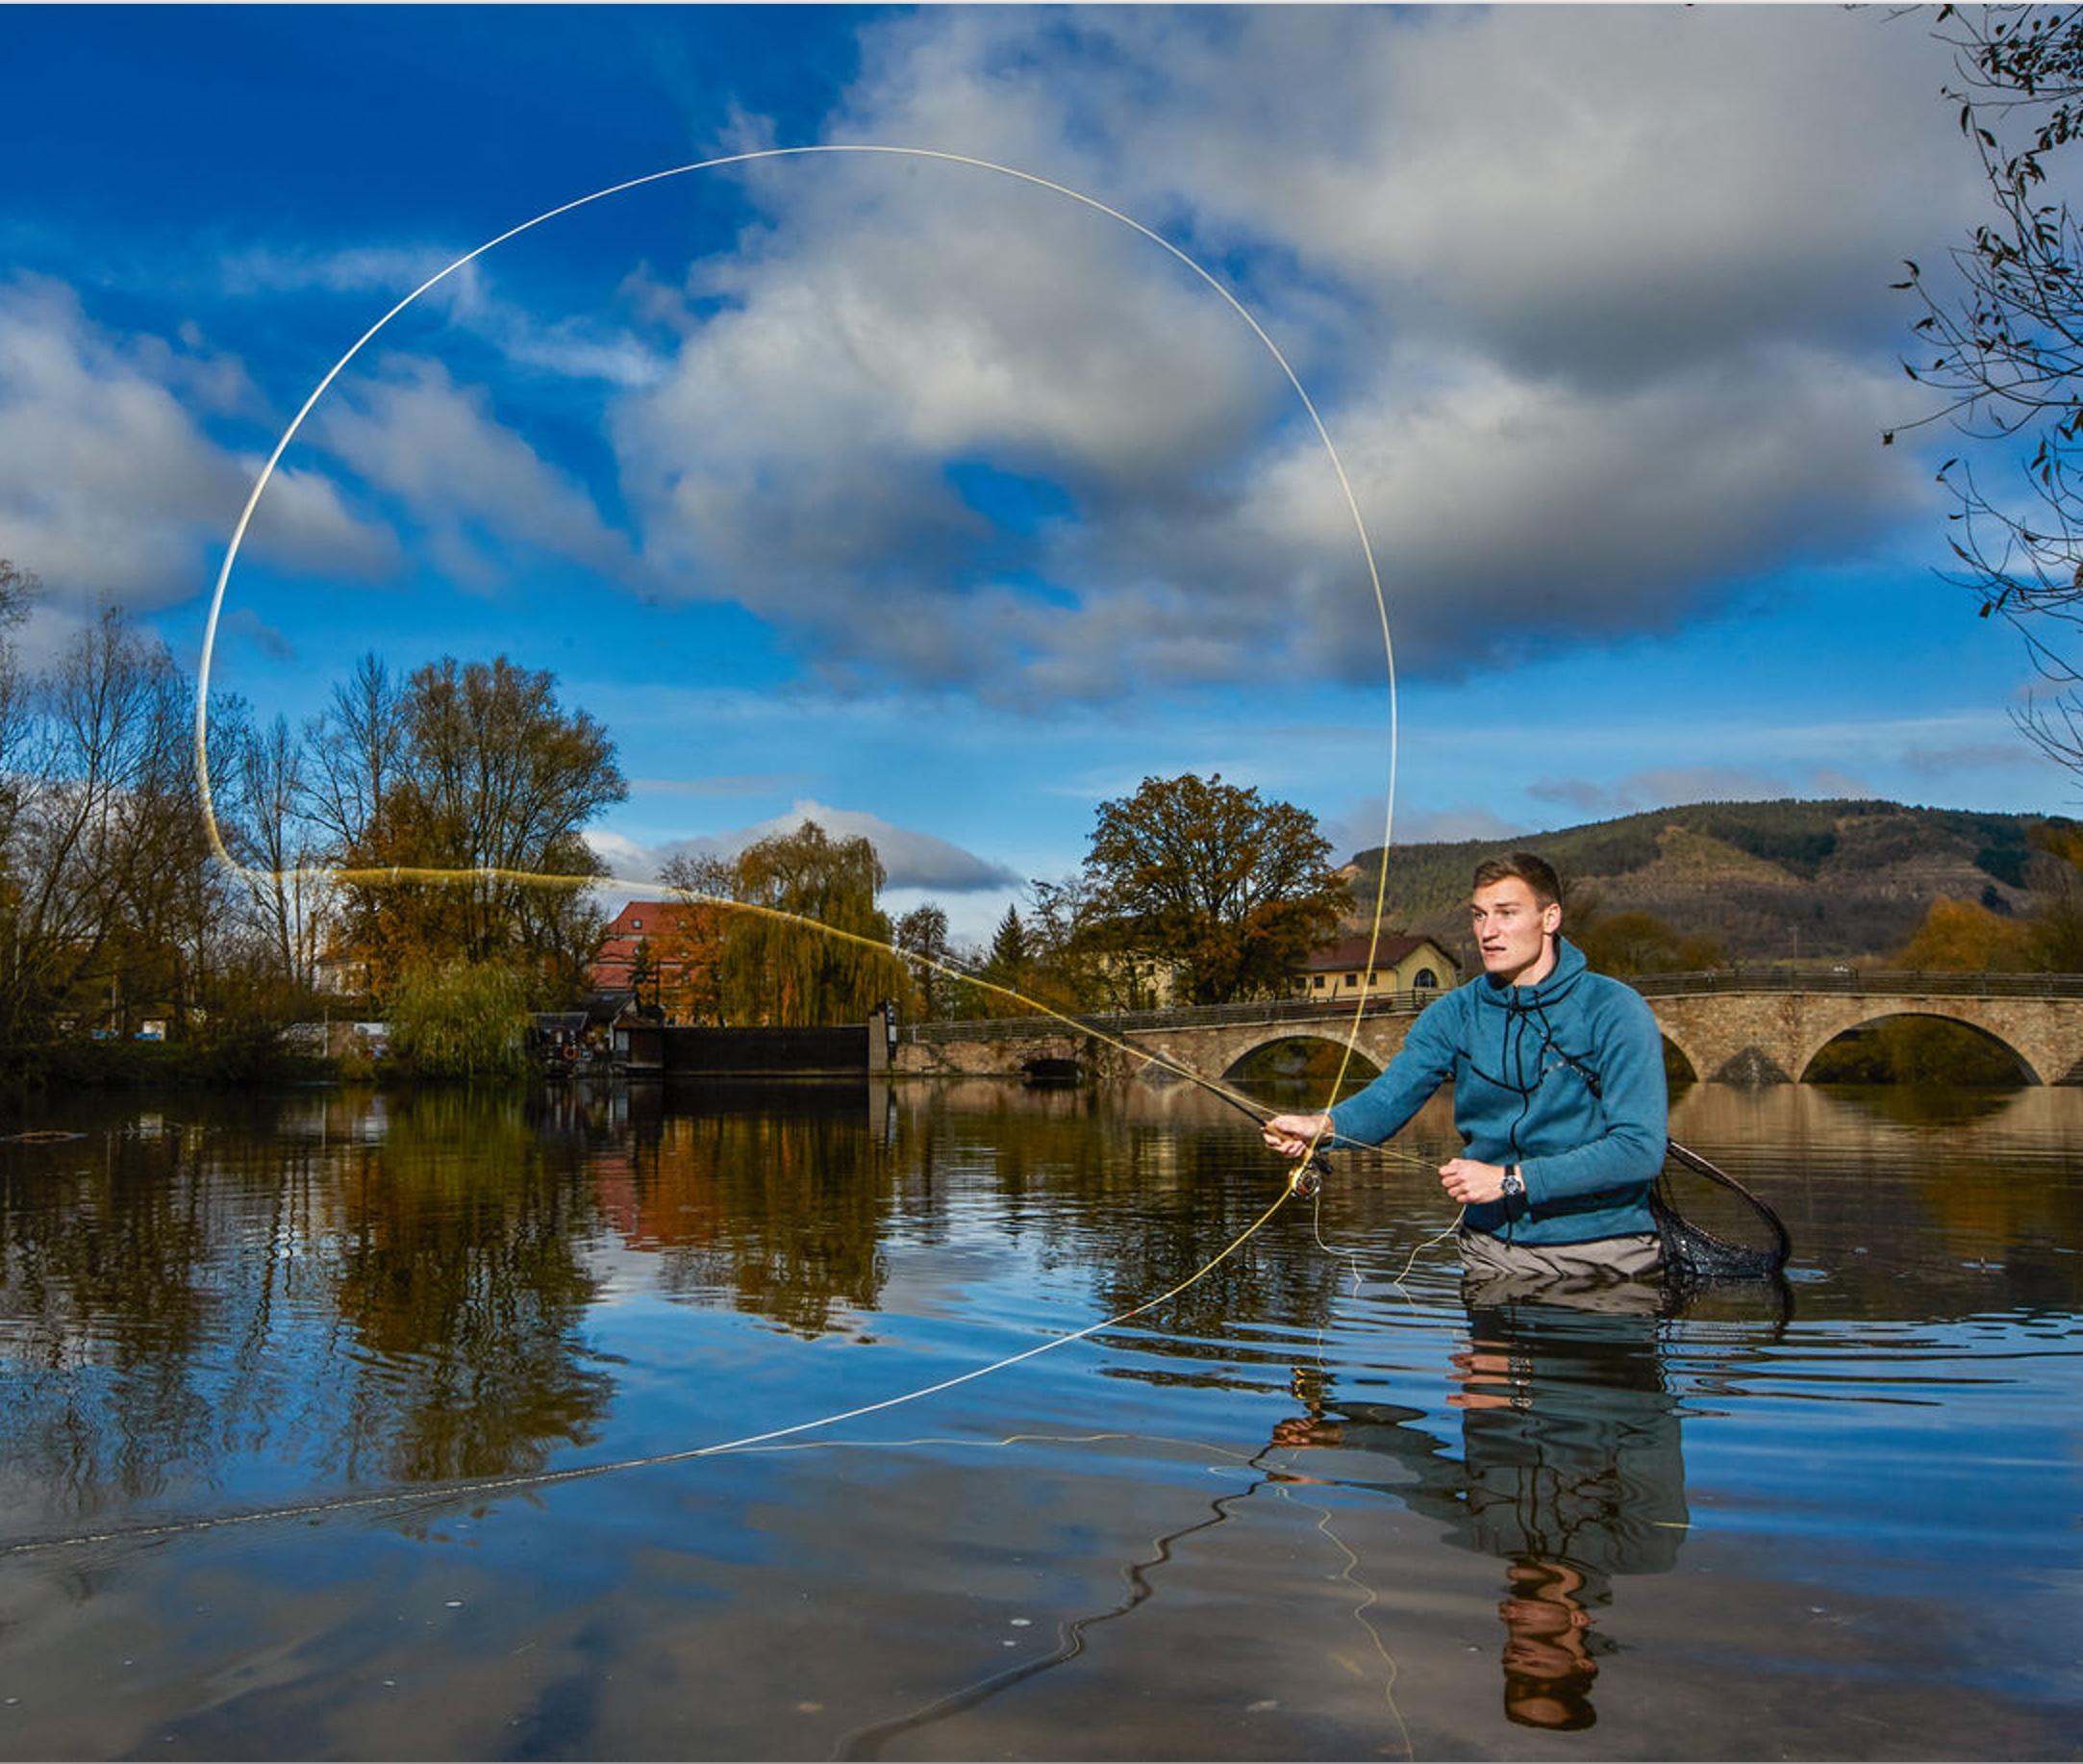 Auch beim Rollwurf passt bei Thomas Röhler das Timing, auch wenn für ihn die magische 100-Meter-Marke eher mit dem Speer als mit der Fliegenschnur erreichbar sein wird. Fotos: M. Handelmann